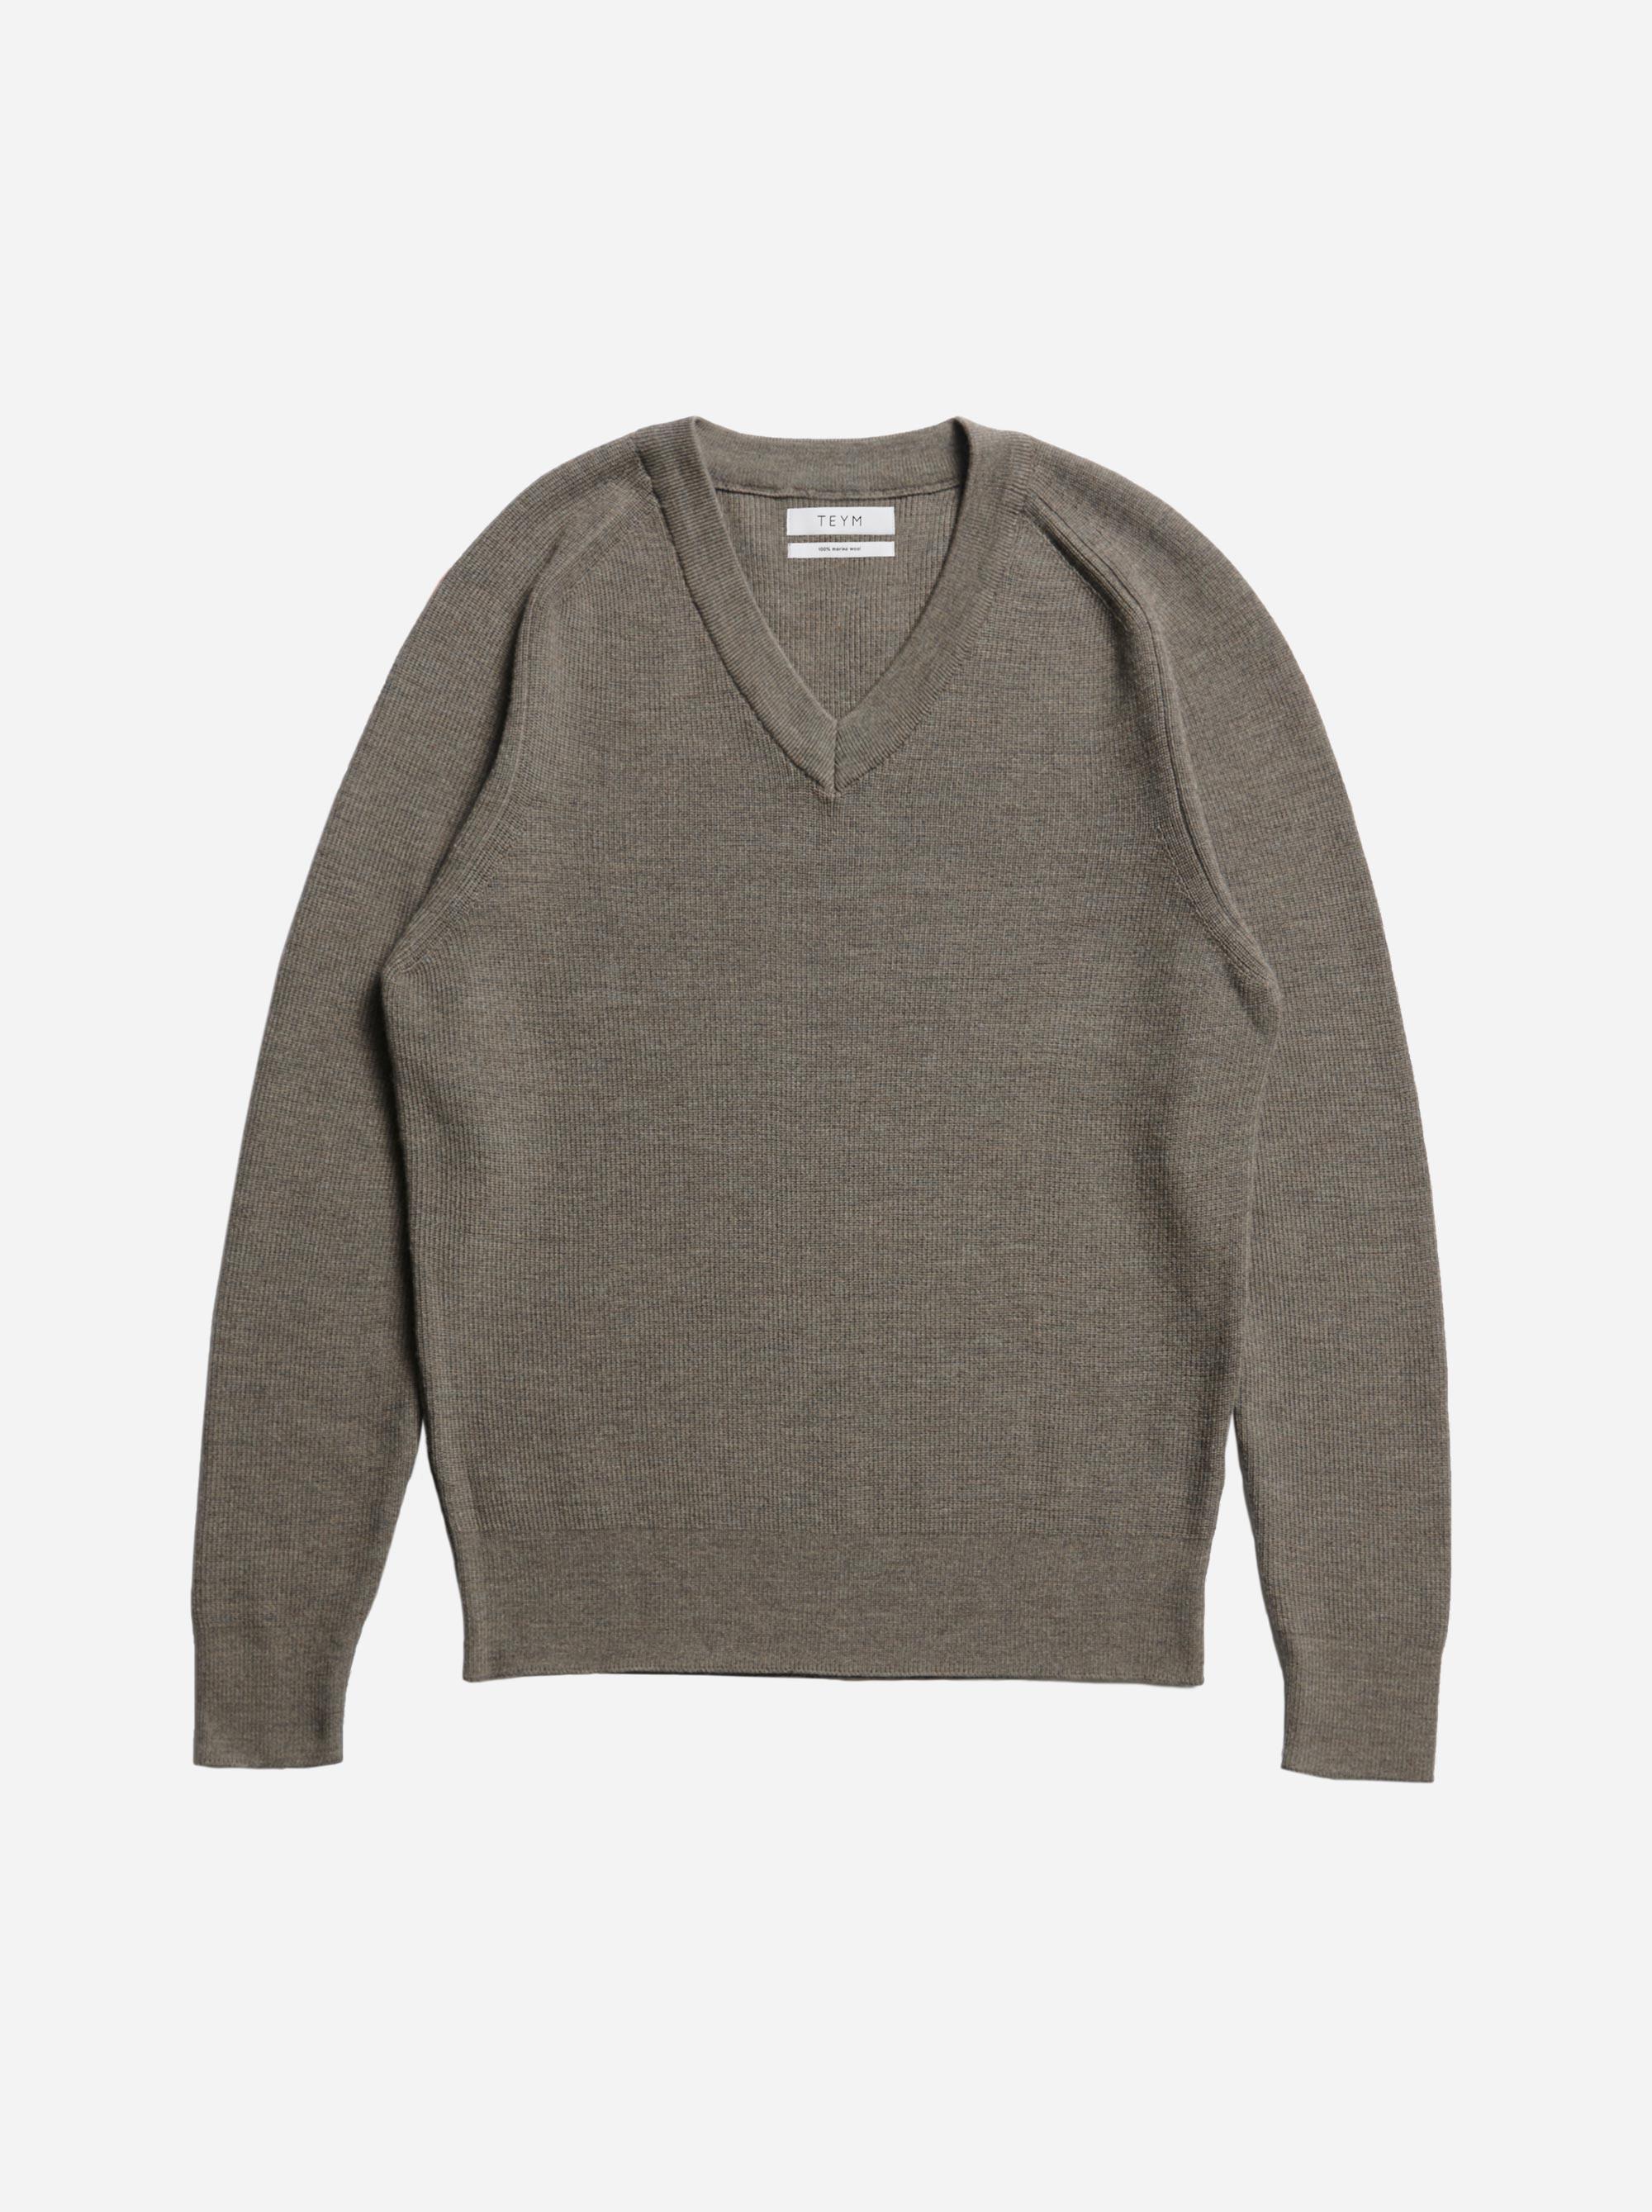 Teym - V-Neck - The Merino Sweater - Women - Grey - 4